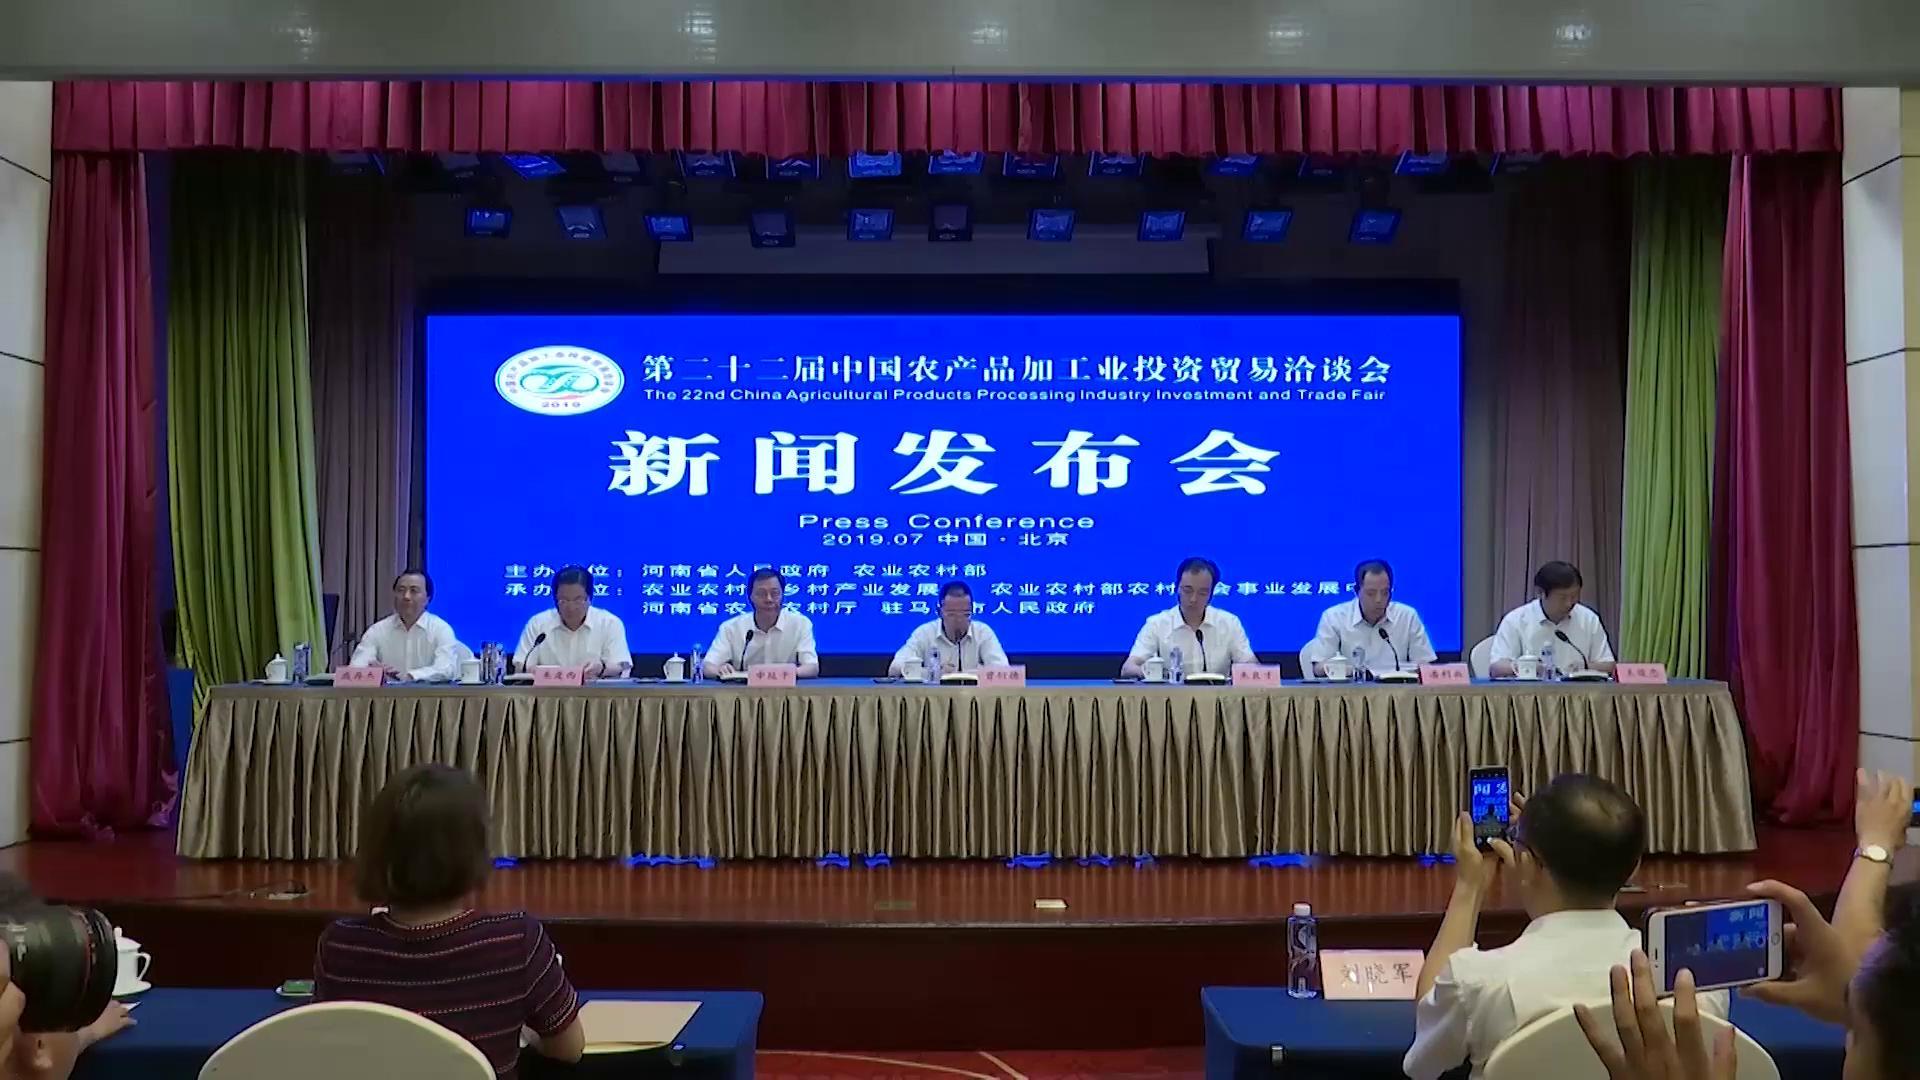 第二十二届中国农加工投洽会新闻发布会